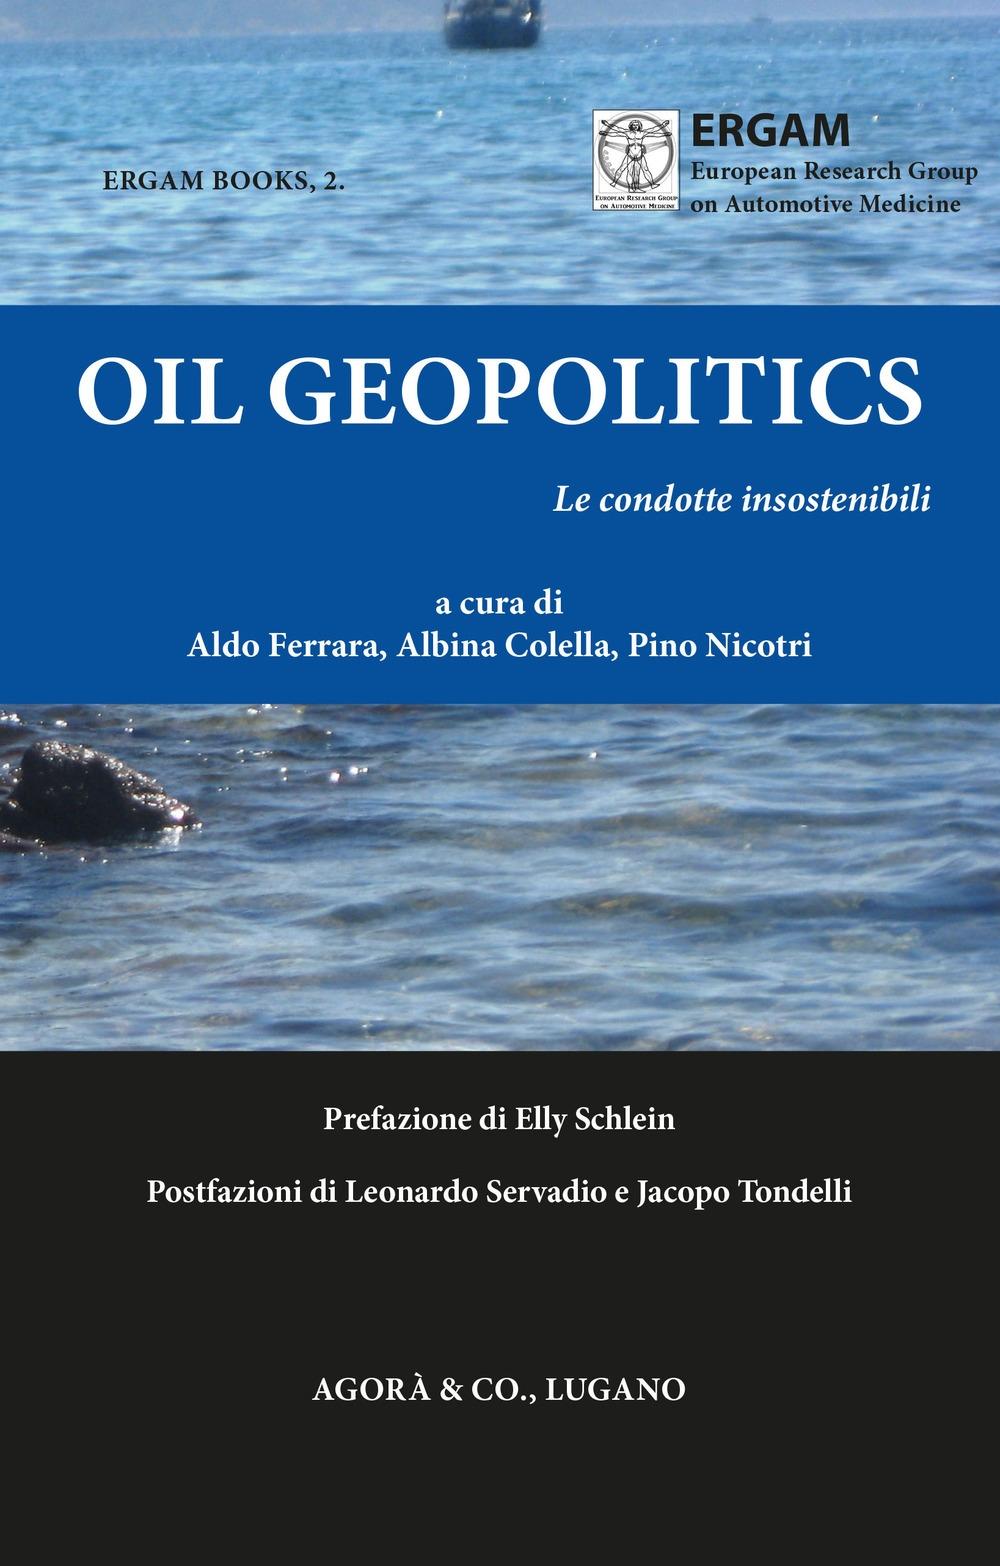 Oil Geopolitics. Le condotte insostenibili